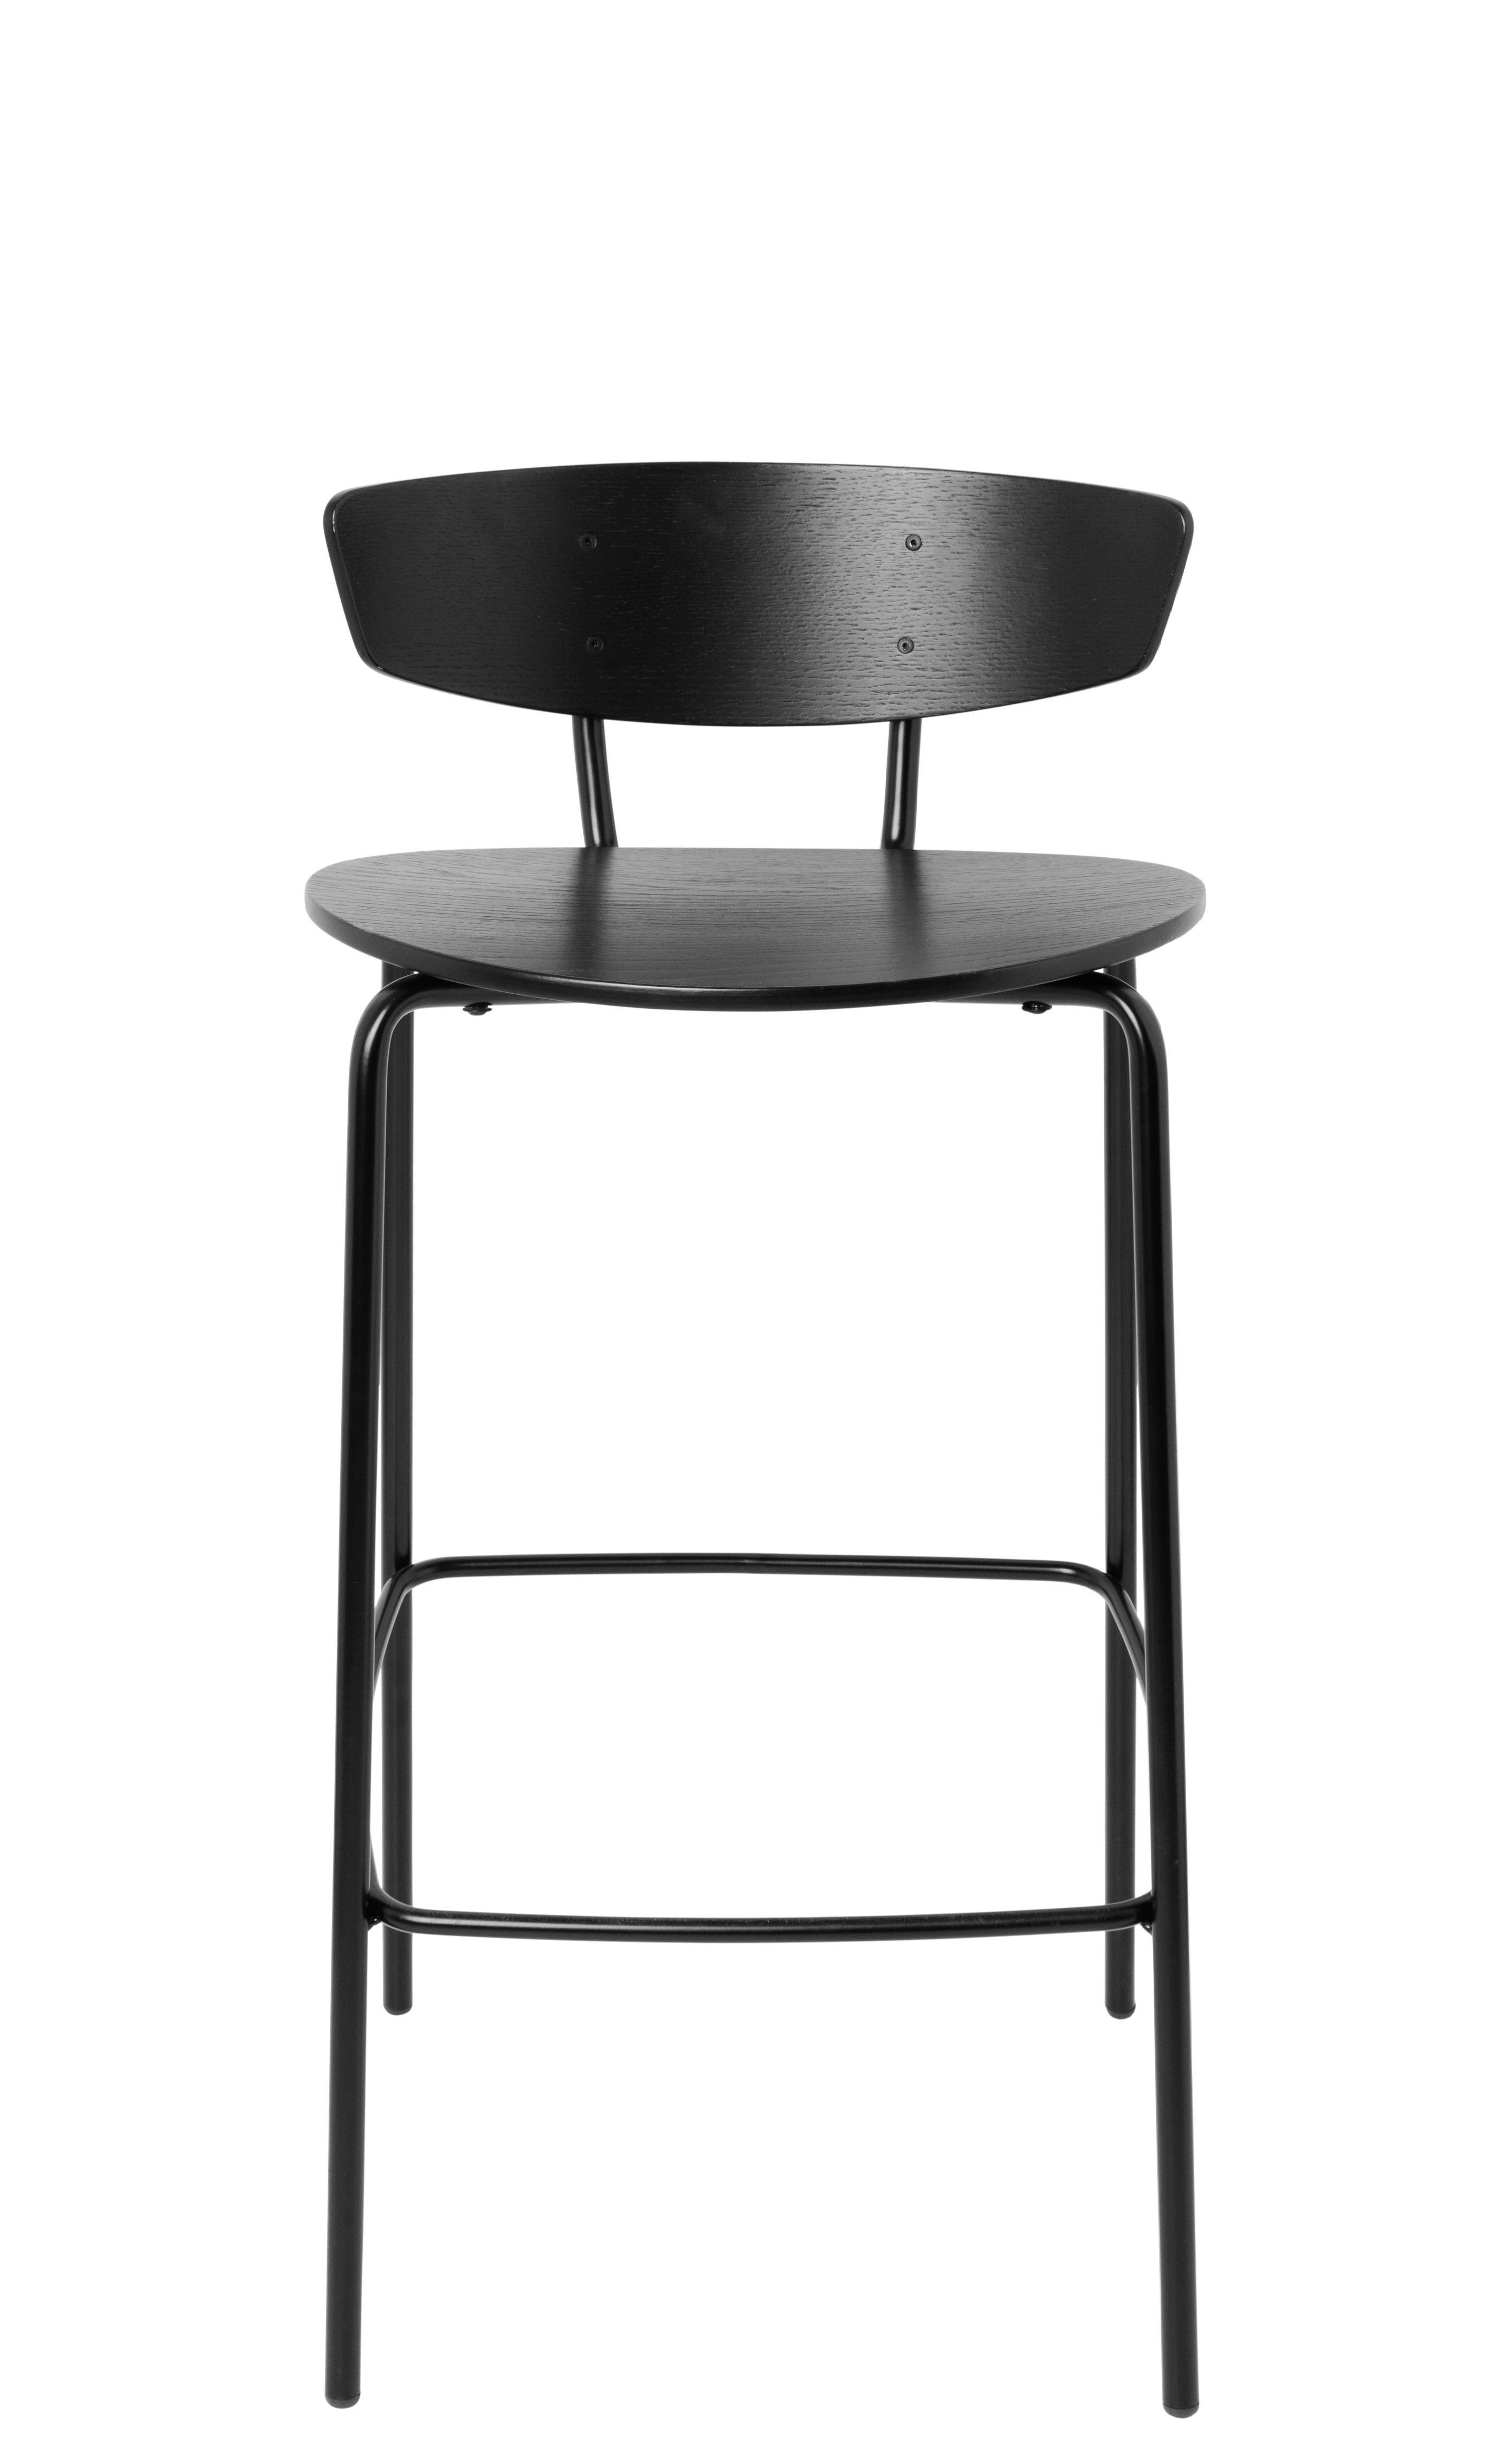 Mobilier - Tabourets de bar - Chaise de bar Herman / H 64 cm - Ferm Living - Large H 64 cm / Noir - Acier laqué époxy, Contreplaqué de chêne laqué